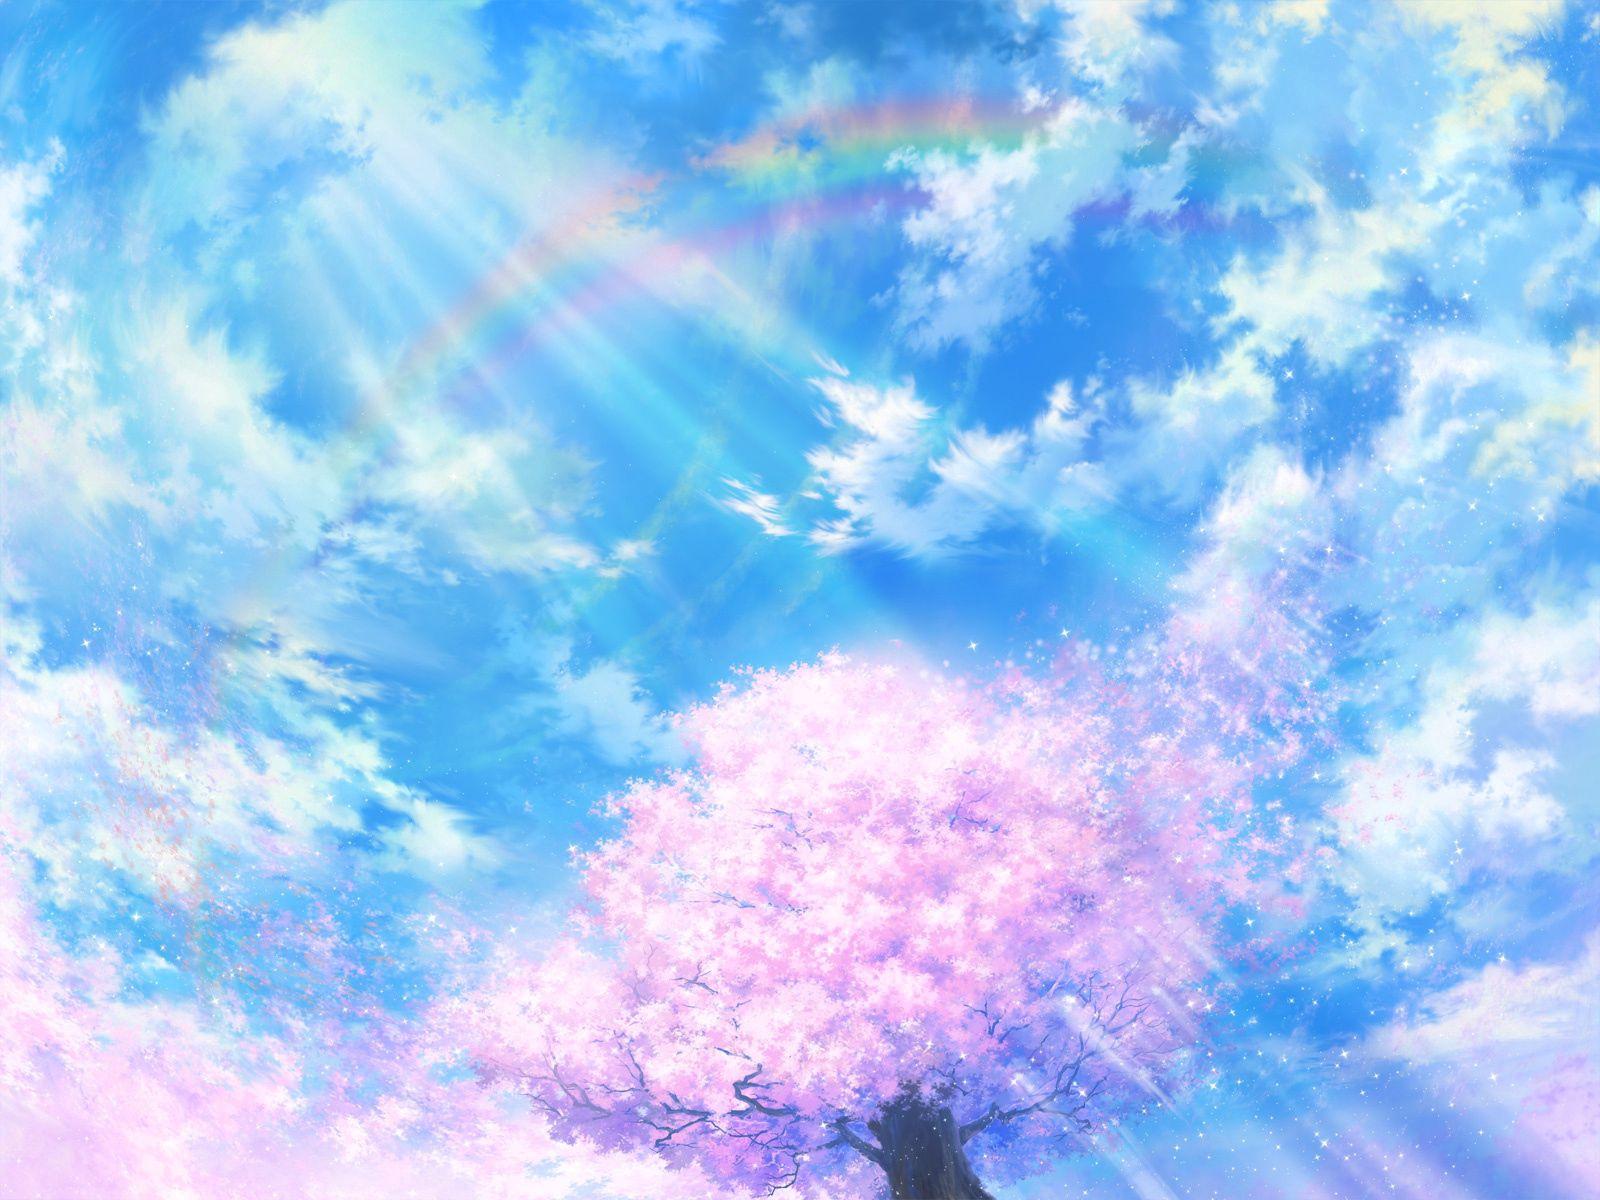 133540 télécharger le fond d'écran Abstrait, Briller, Lumière, Sakura, Bois, Arbre, Sky, Brillant - économiseurs d'écran et images gratuitement